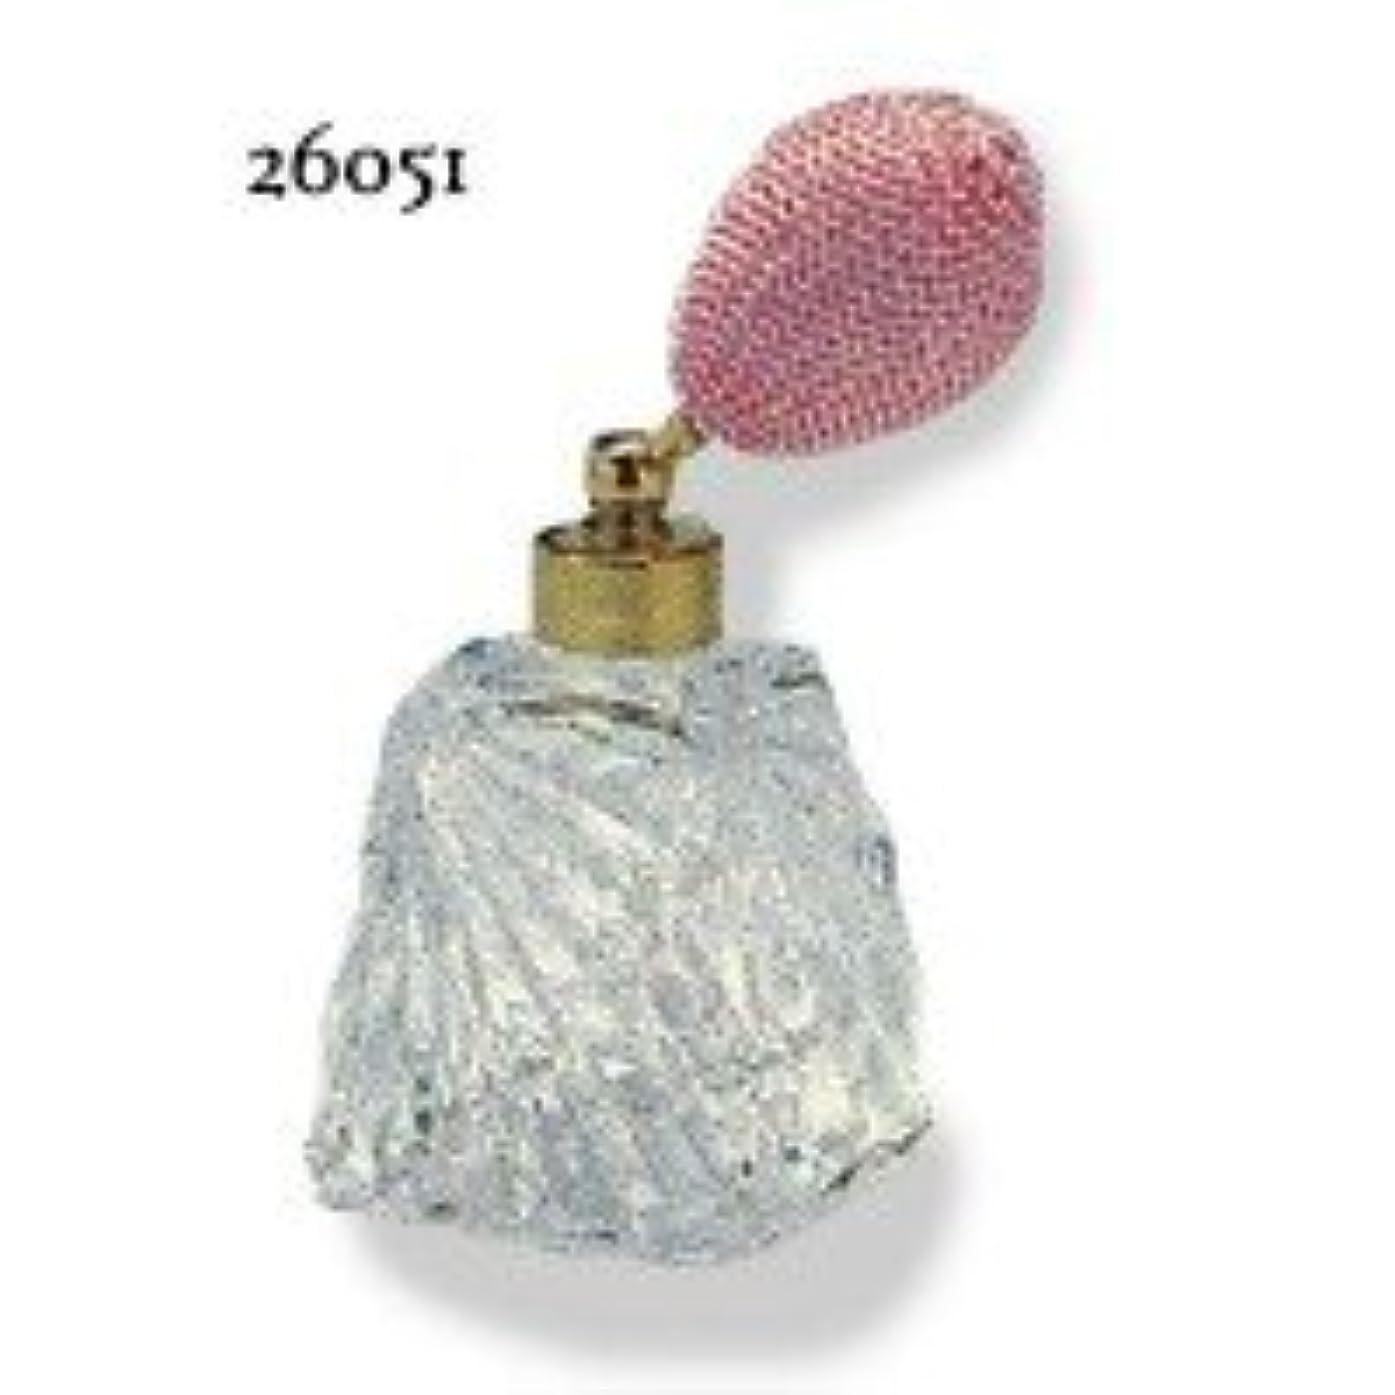 素晴らしいです発掘する思われるドイツ製クリスタル香水瓶リードクリスタル 短